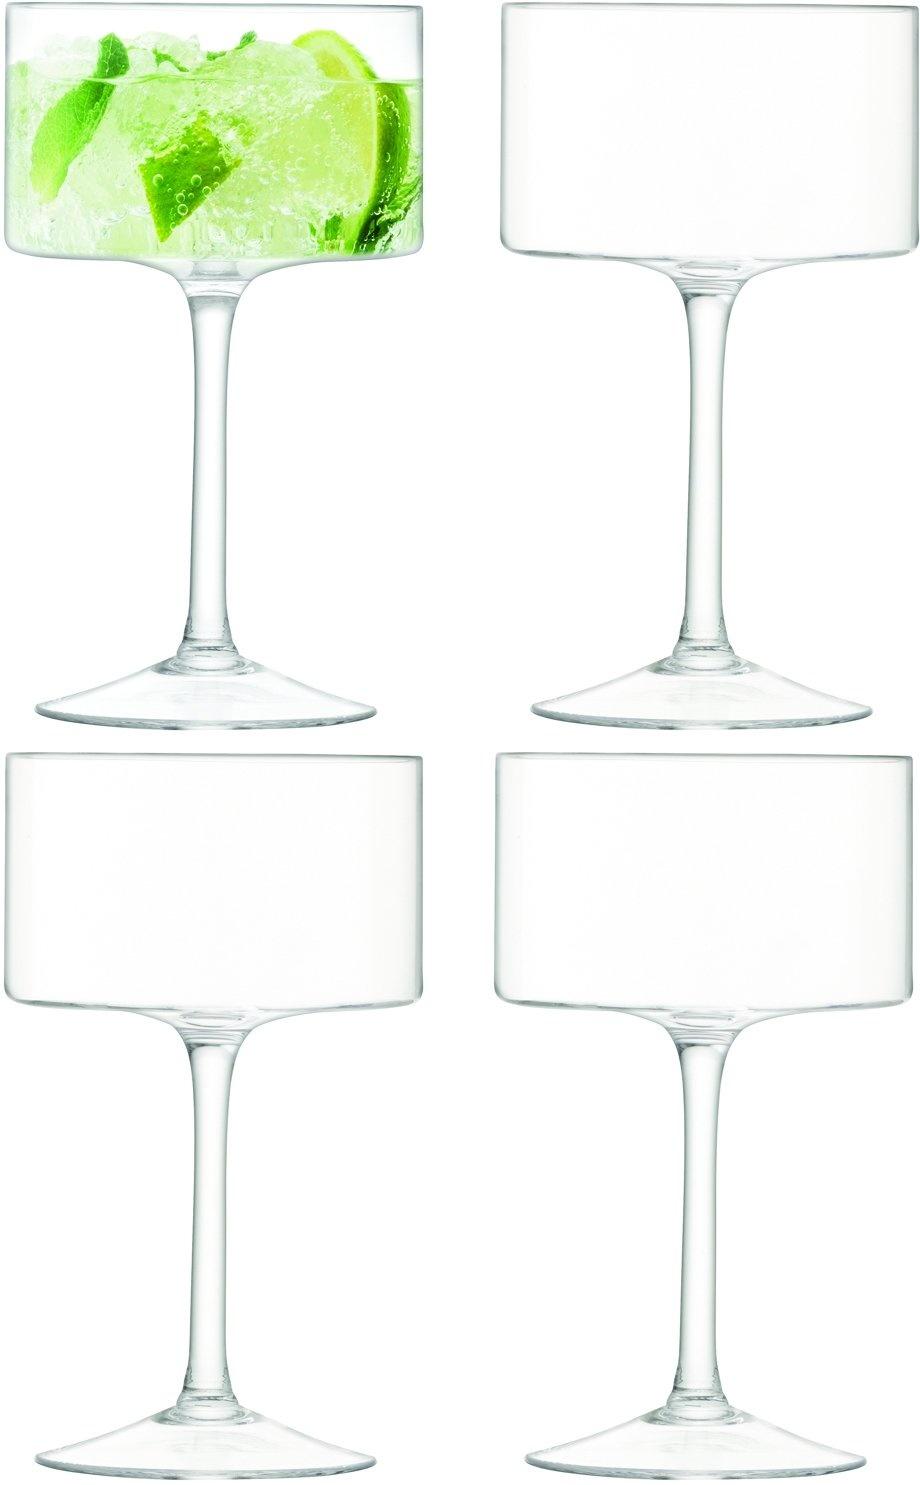 L.S.A. Otis Champagne Glas 280 ml Set van 4 stuks